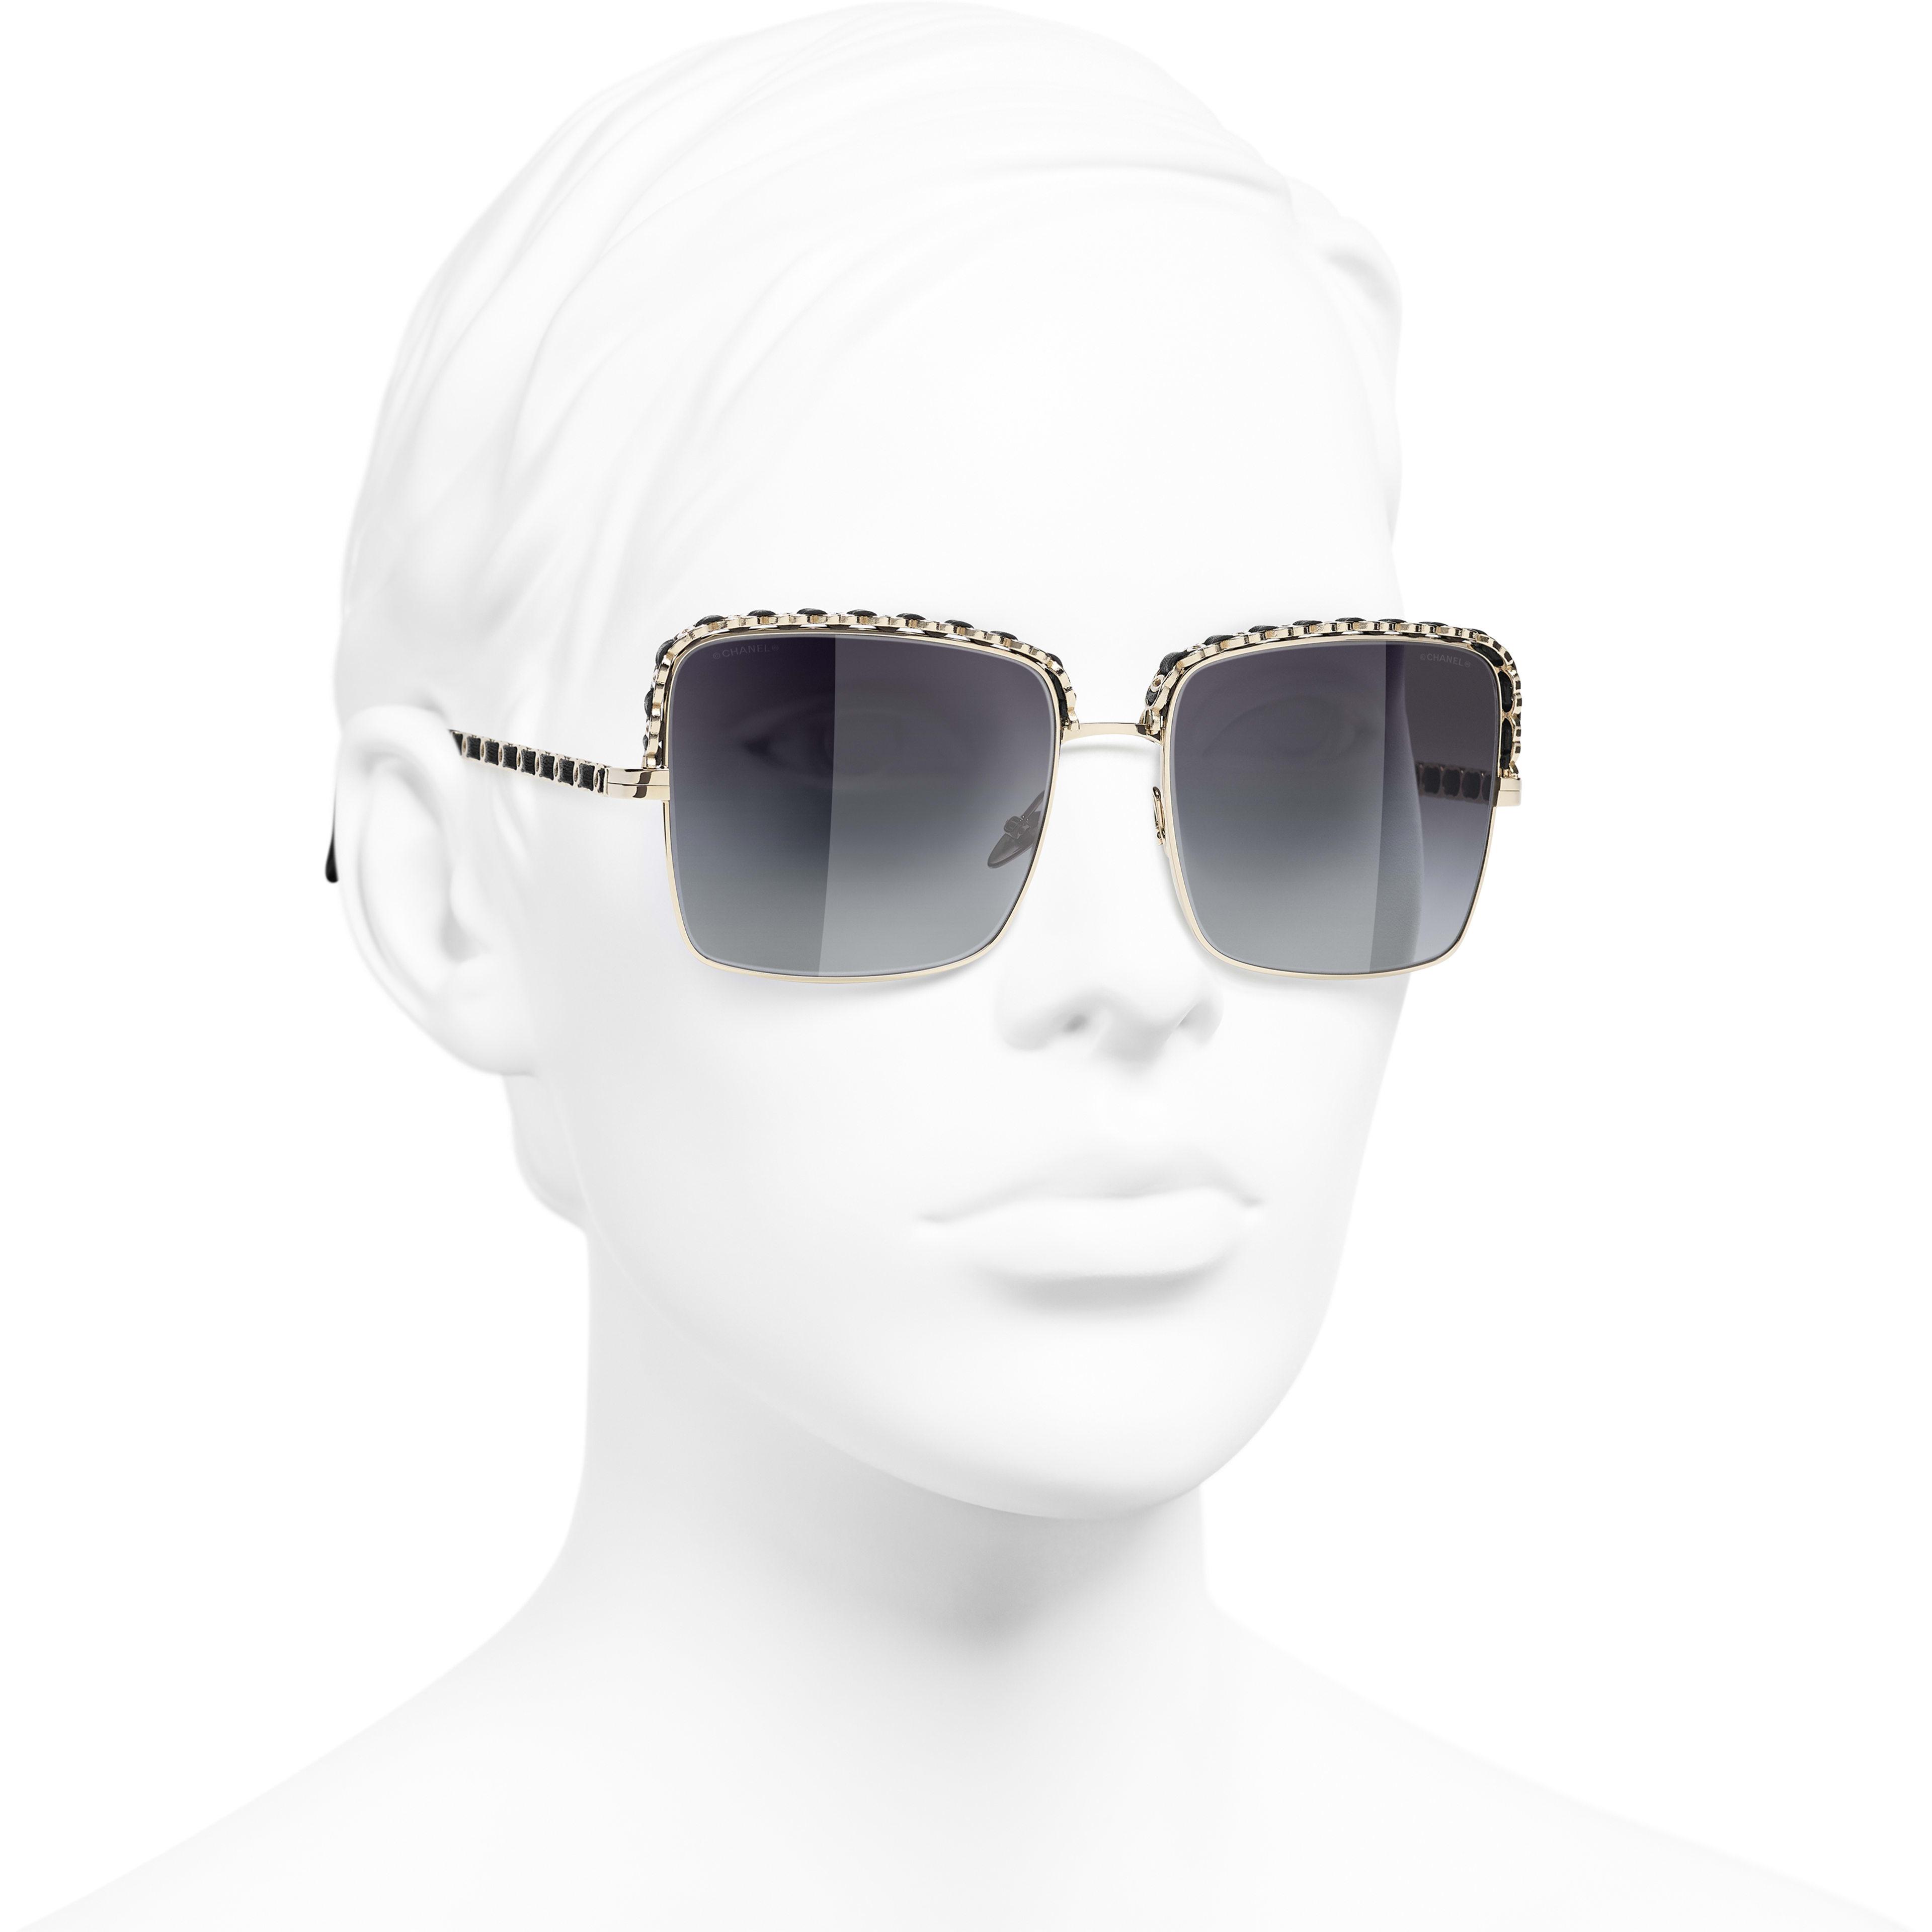 Óculos De Sol Quadrado - Gold - Metal & Lambskin - CHANEL - Vista 3/4 - ver a versão em tamanho standard